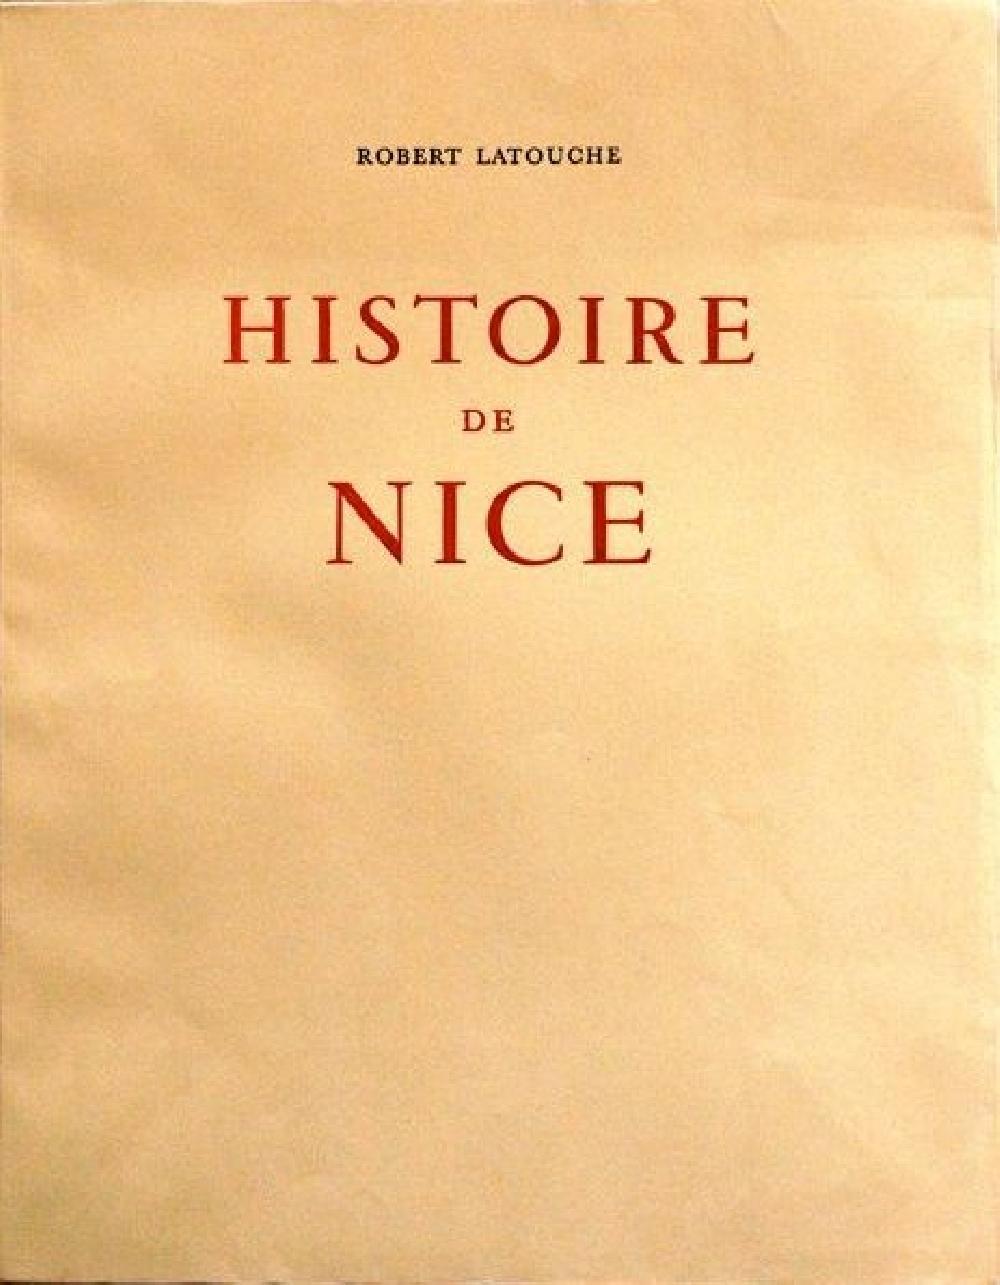 Histoire de Nice